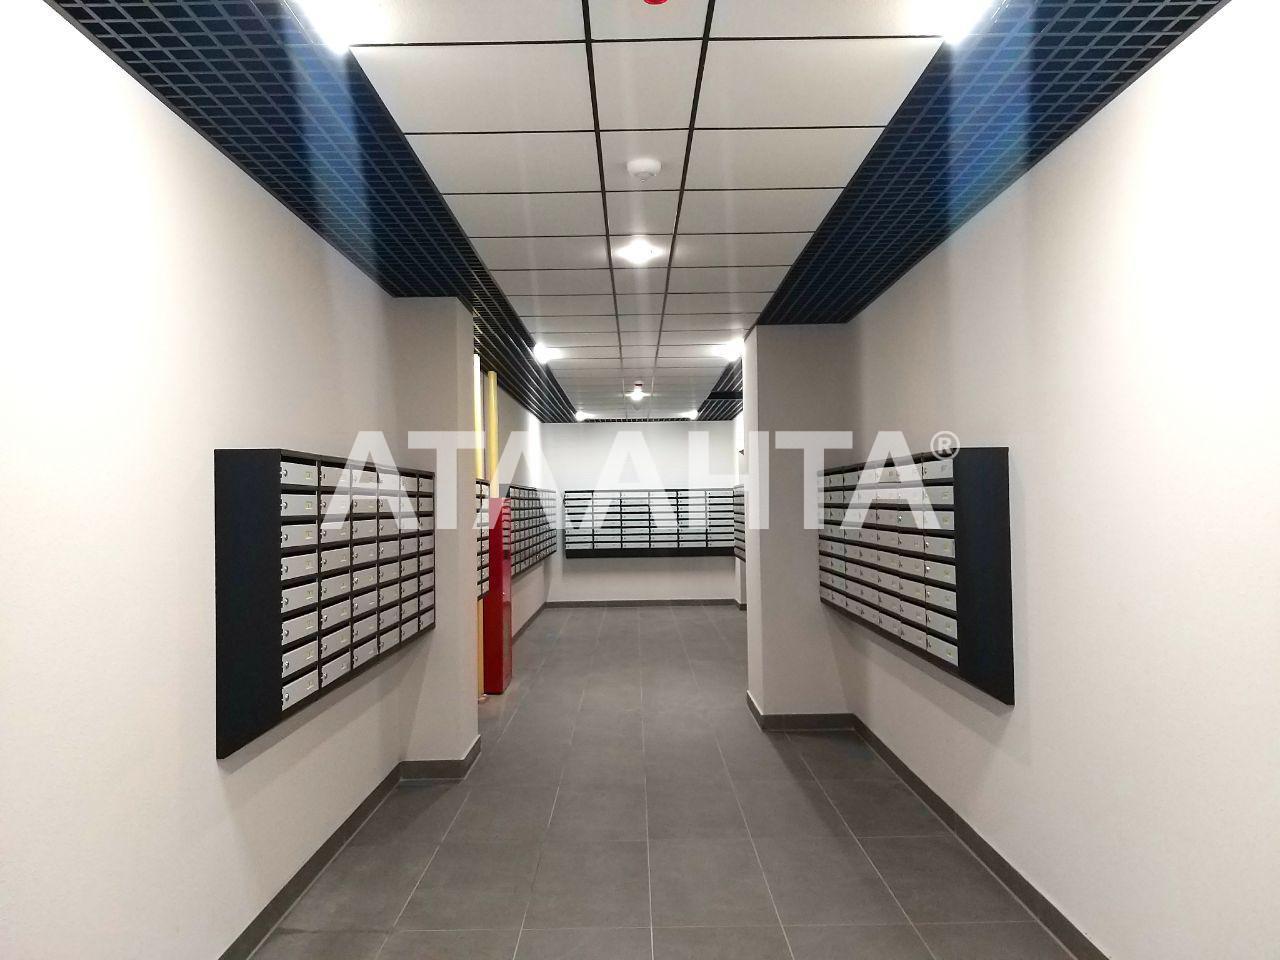 Продается 3-комнатная Квартира на ул. Новобереговая — 200 000 у.е. (фото №10)